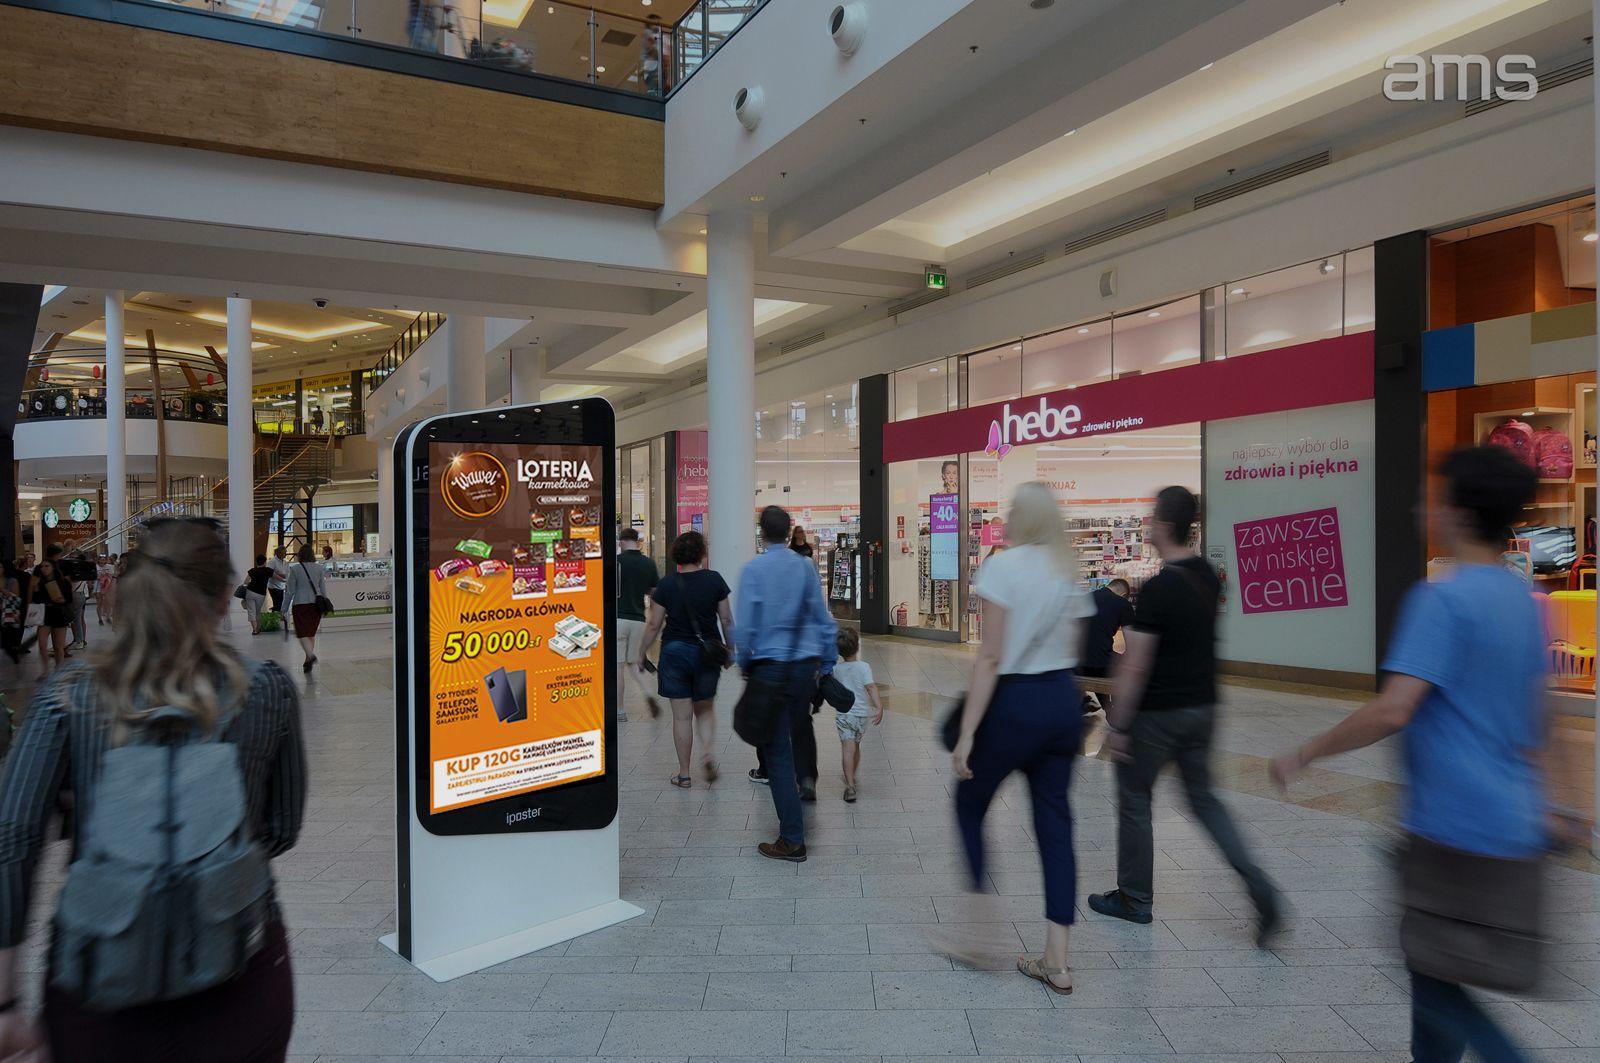 skuteczność kampanii marki Wawel zrealizowanej przez AMS w centrach handlowych